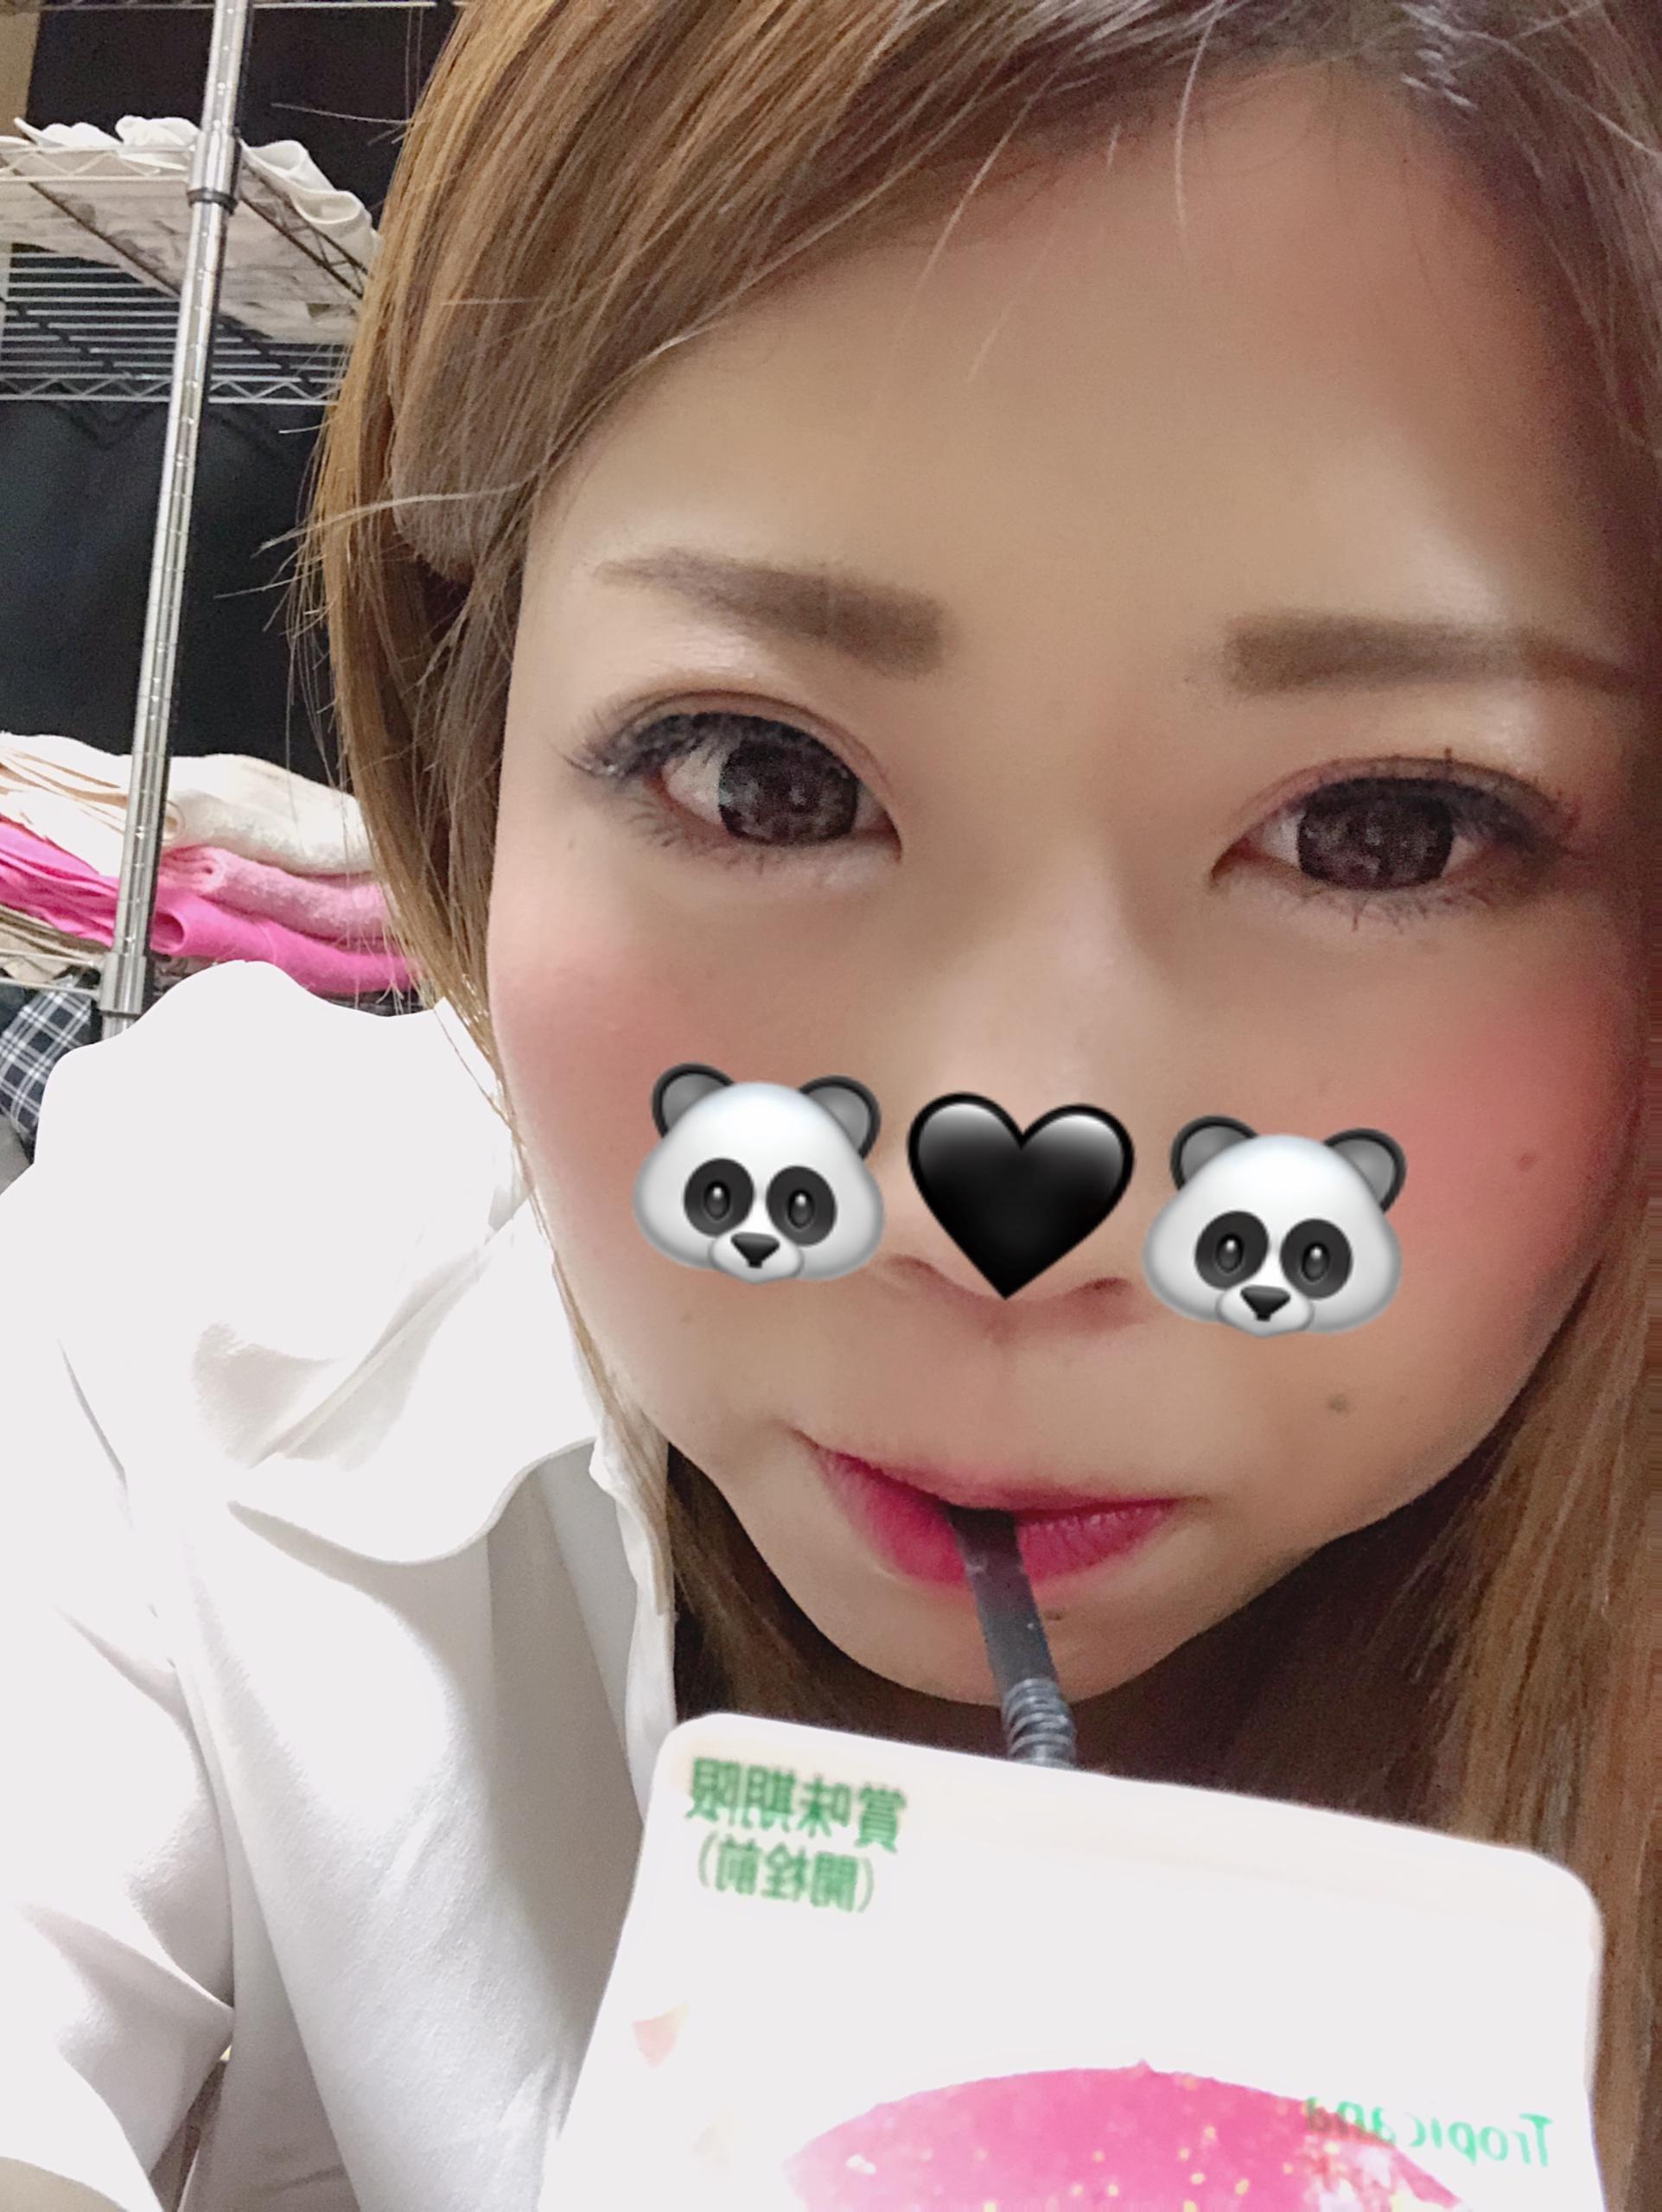 るか「しゅっきーん(*´?`*)」09/21(金) 18:44 | るかの写メ・風俗動画